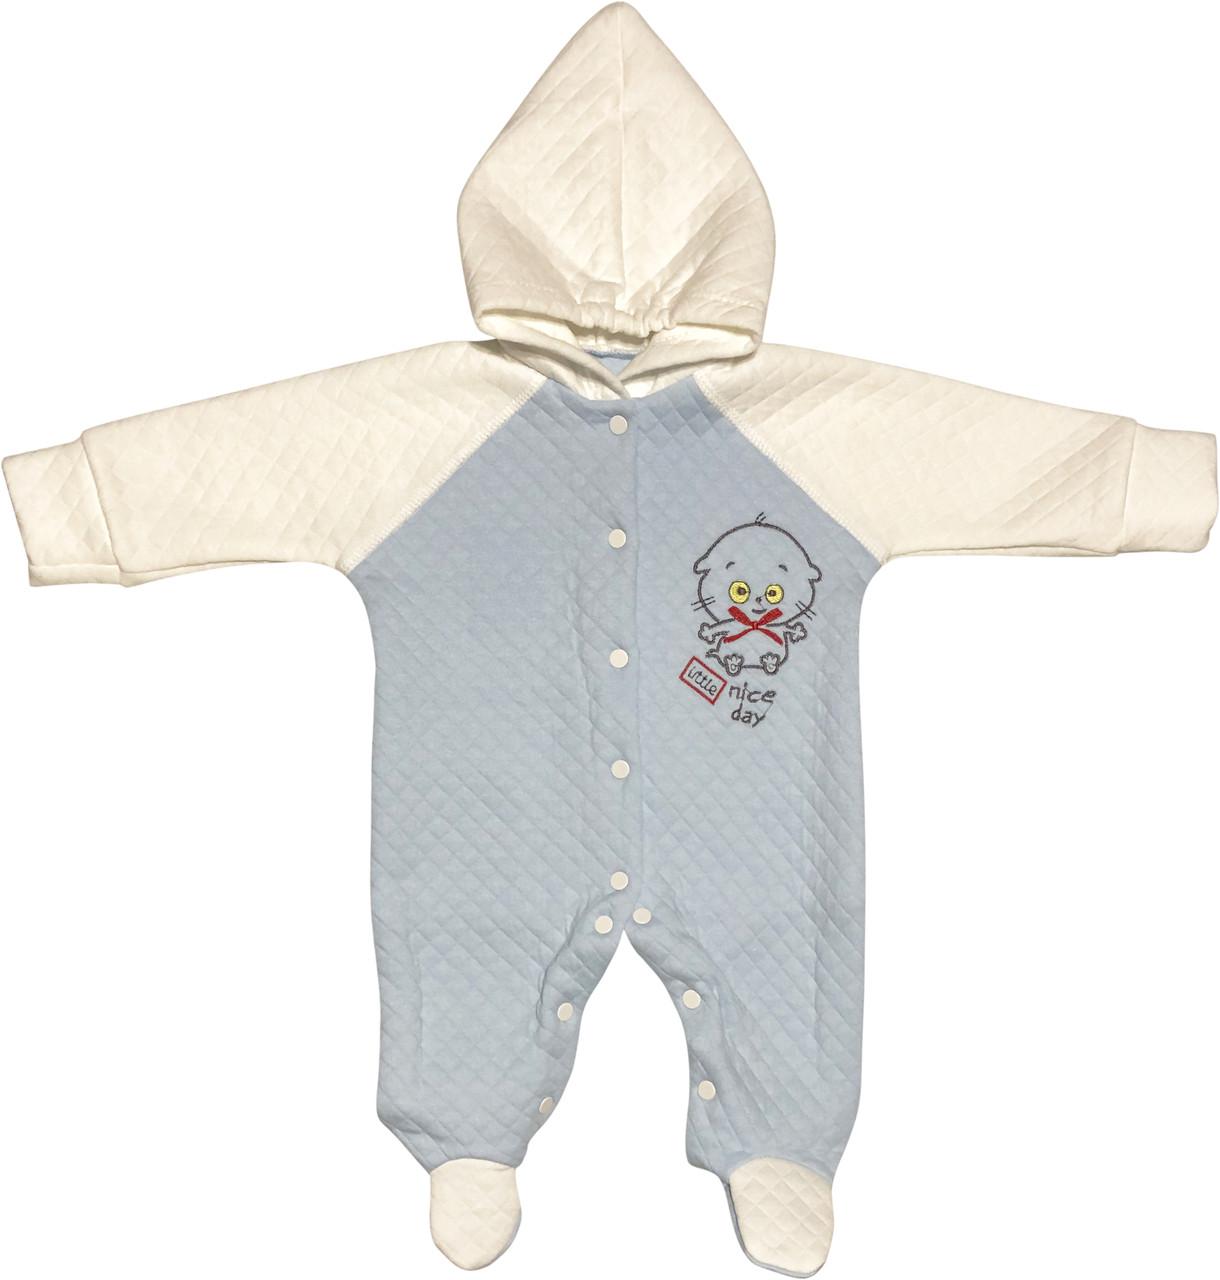 Дитячий чоловічок ріст 68 (3-6 міс.) капітон блакитний на хлопчика (сліп) з капюшоном для новонароджених А-006